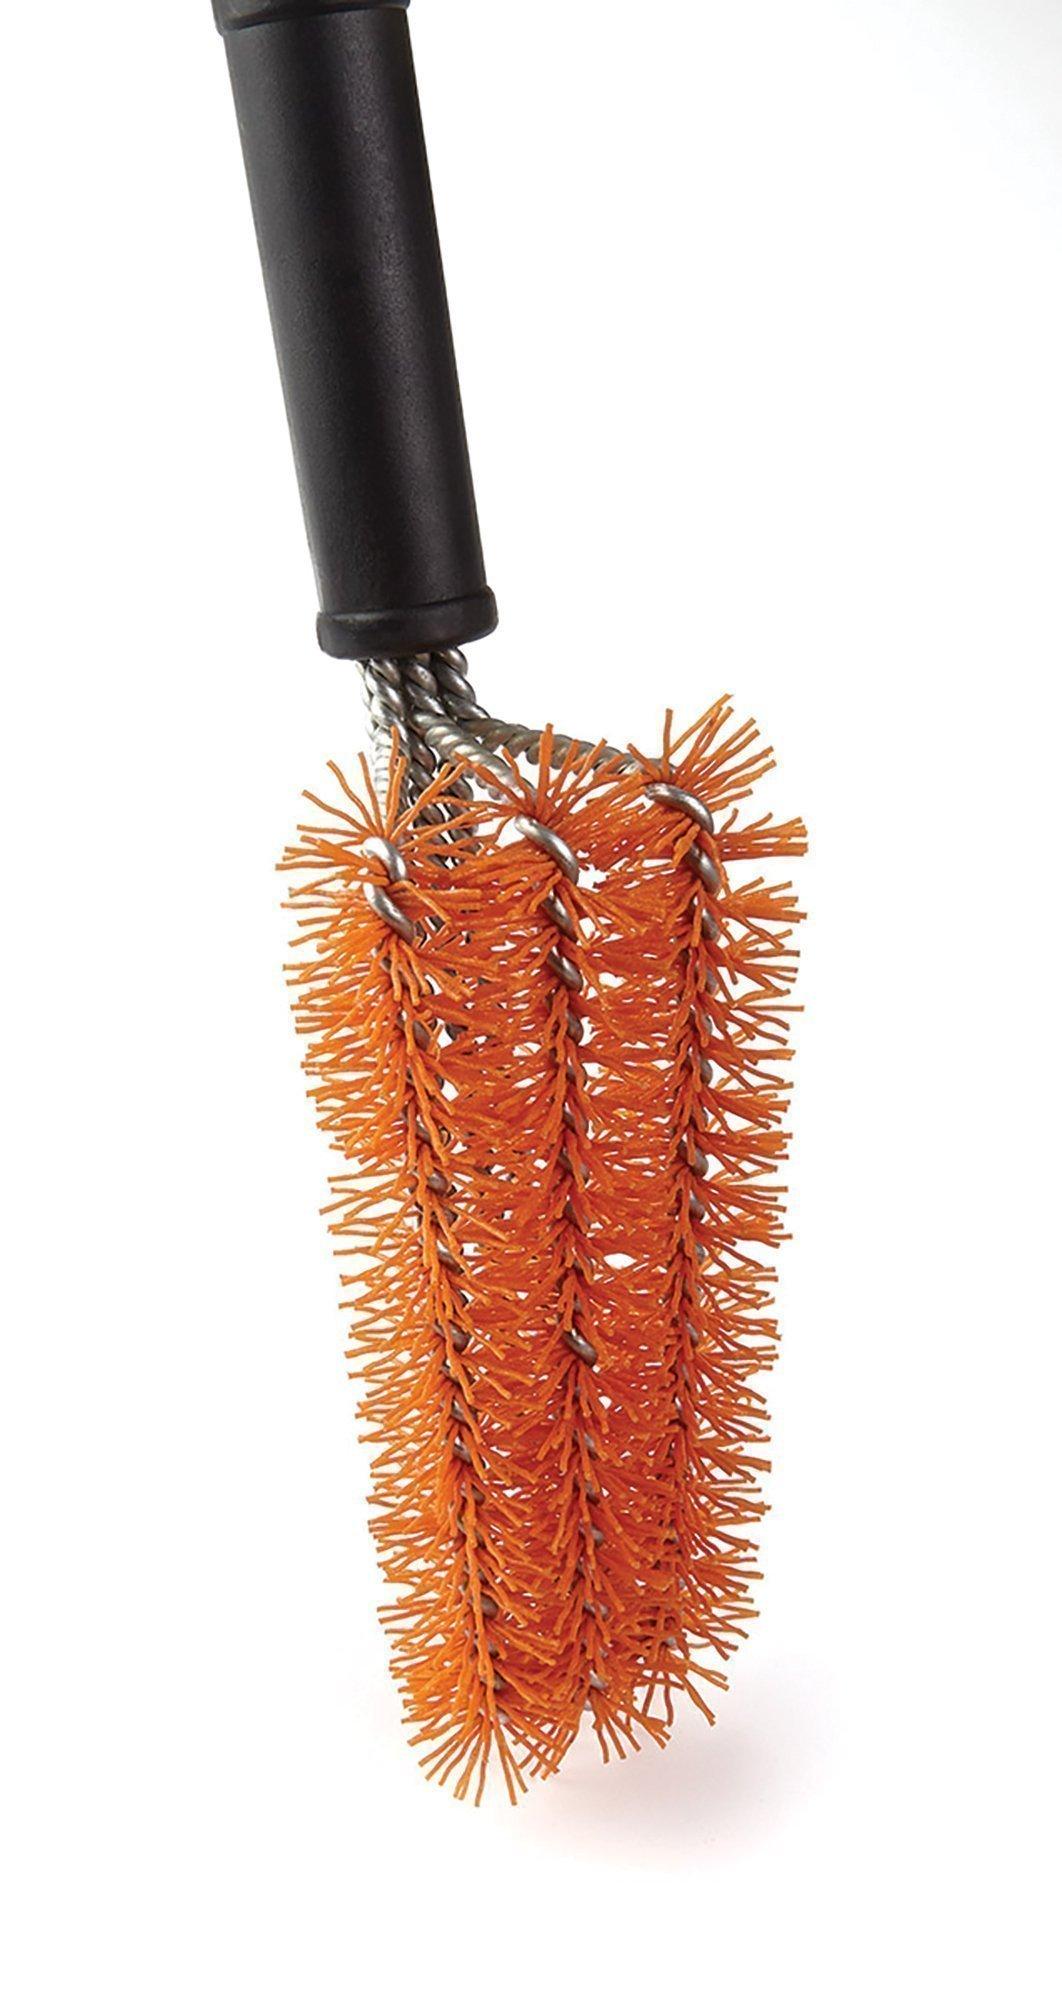 Nylon Bristle Grill Brush head close up